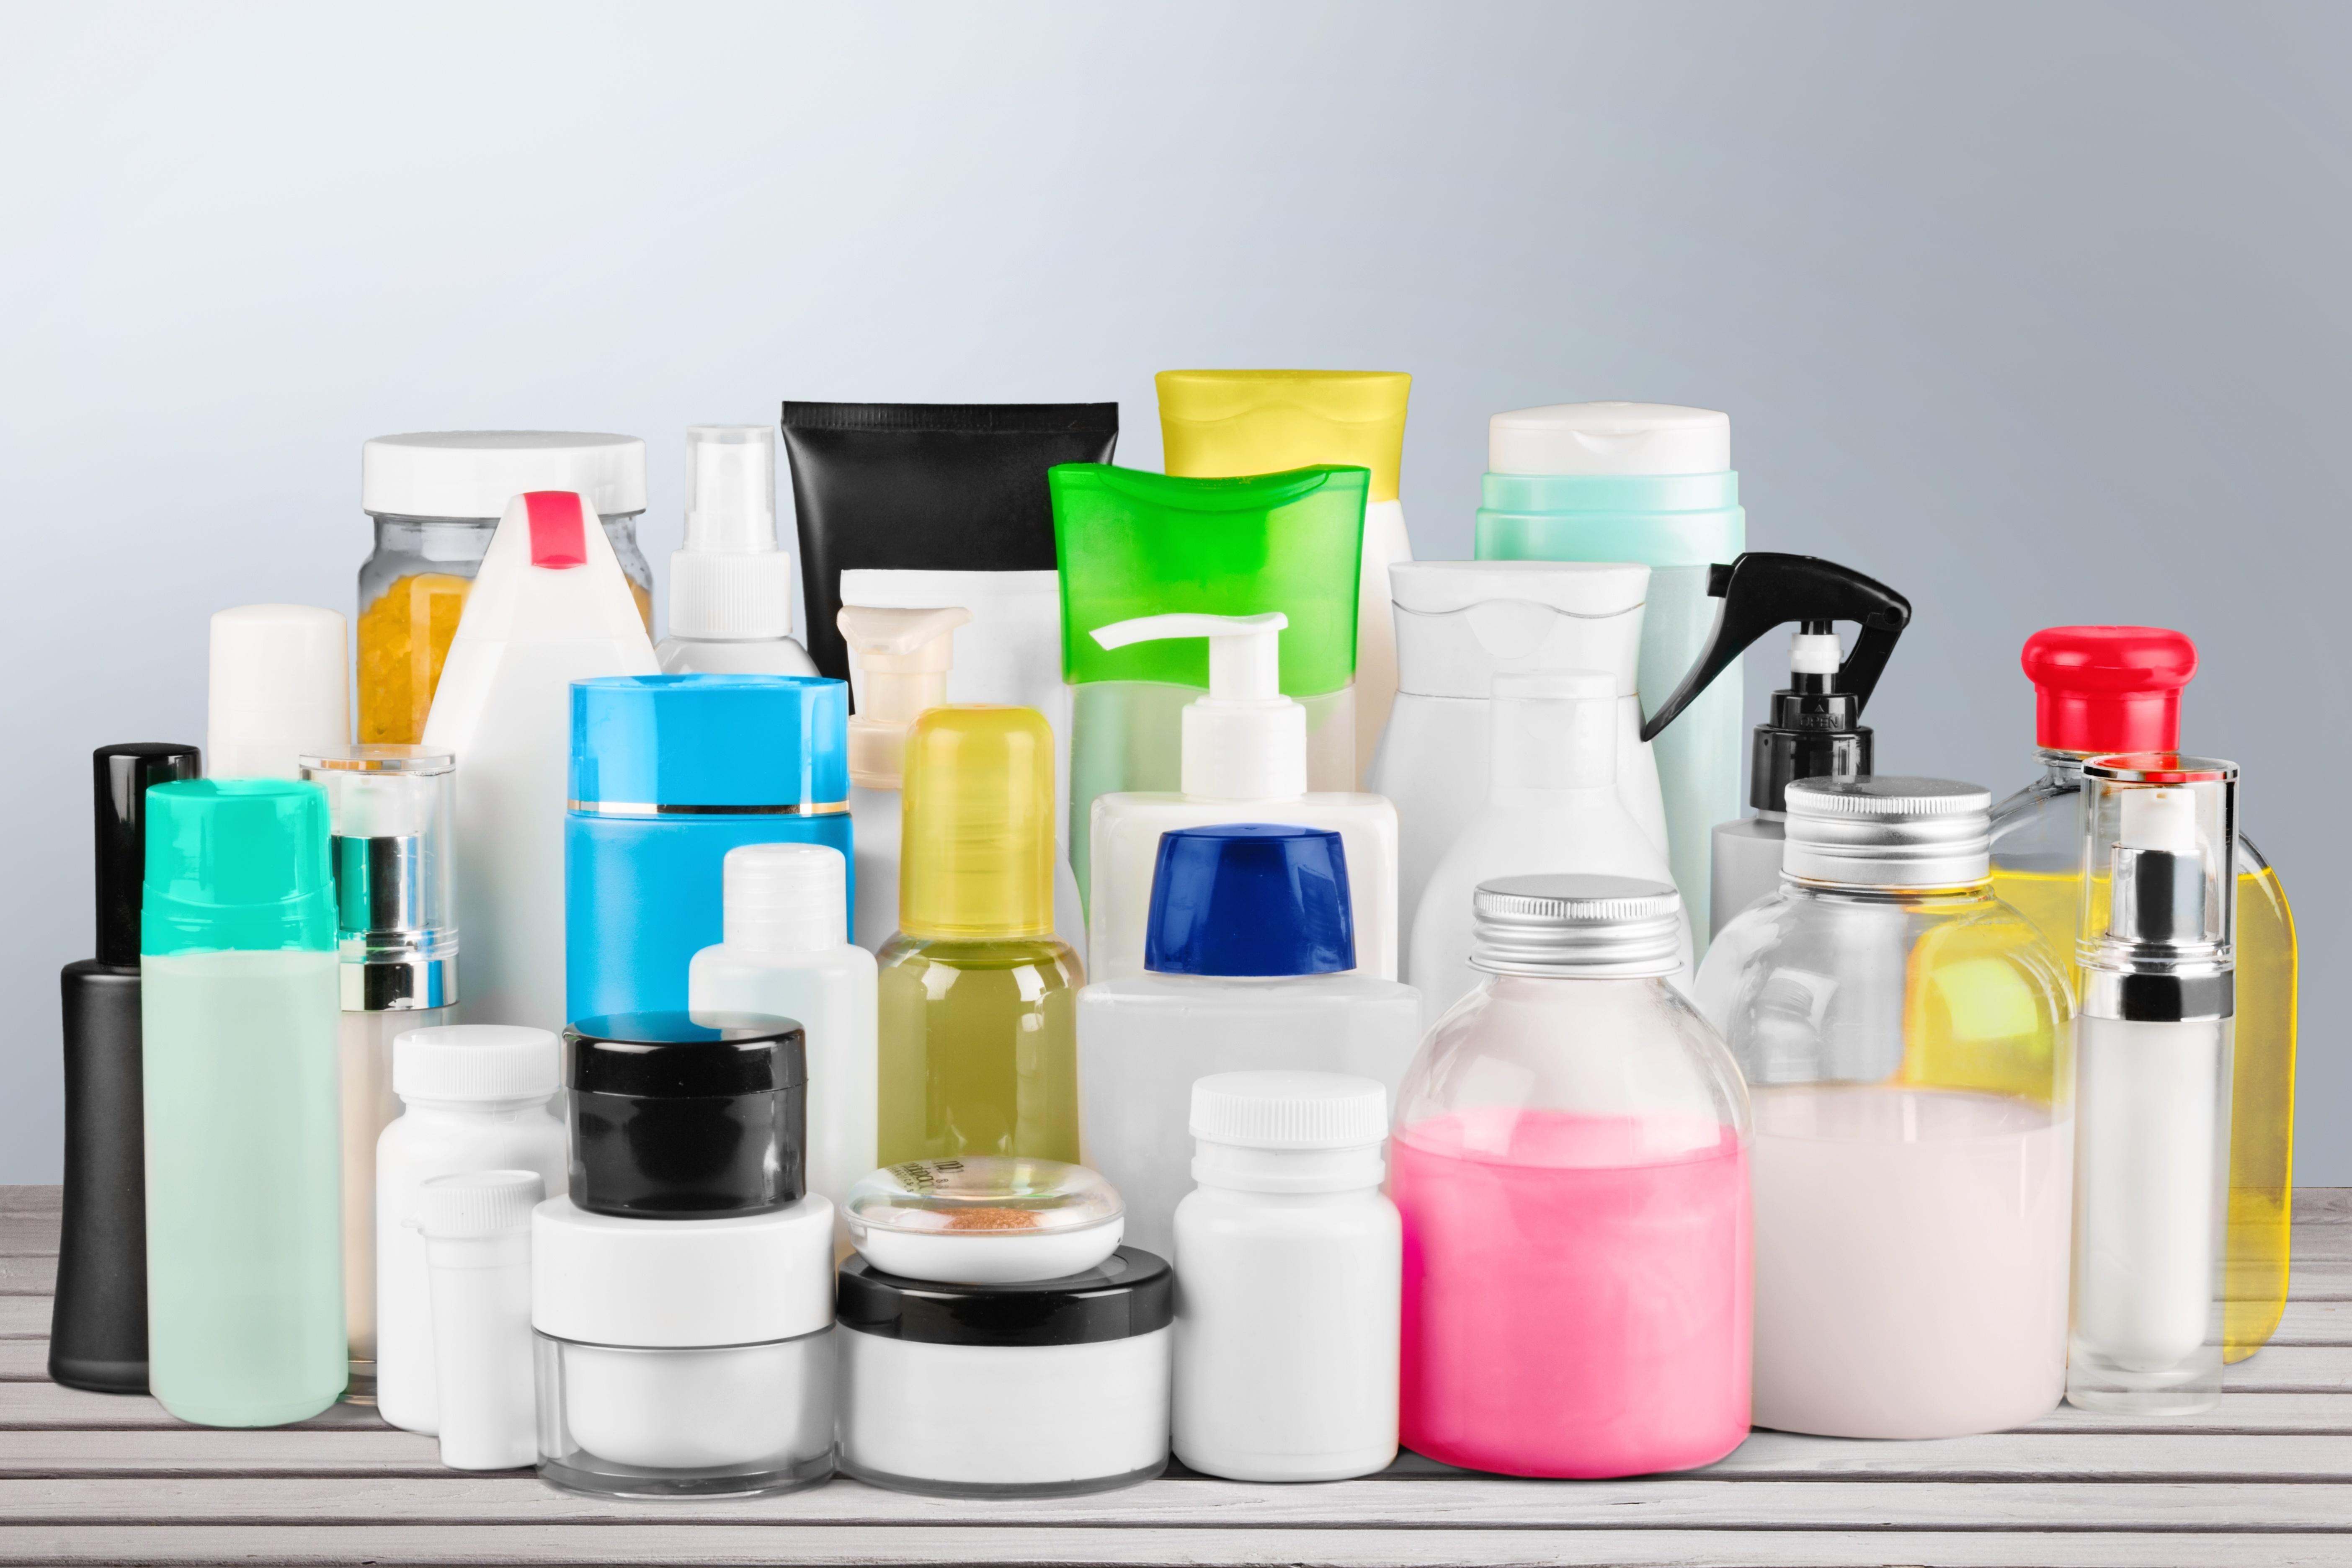 Einige Kosmetik-Produkte mit fragwürdigen Substanzen gefunden. (Bild: Das sind die Krebs-Anzeichen: BillionPhotos.com/fotolia)